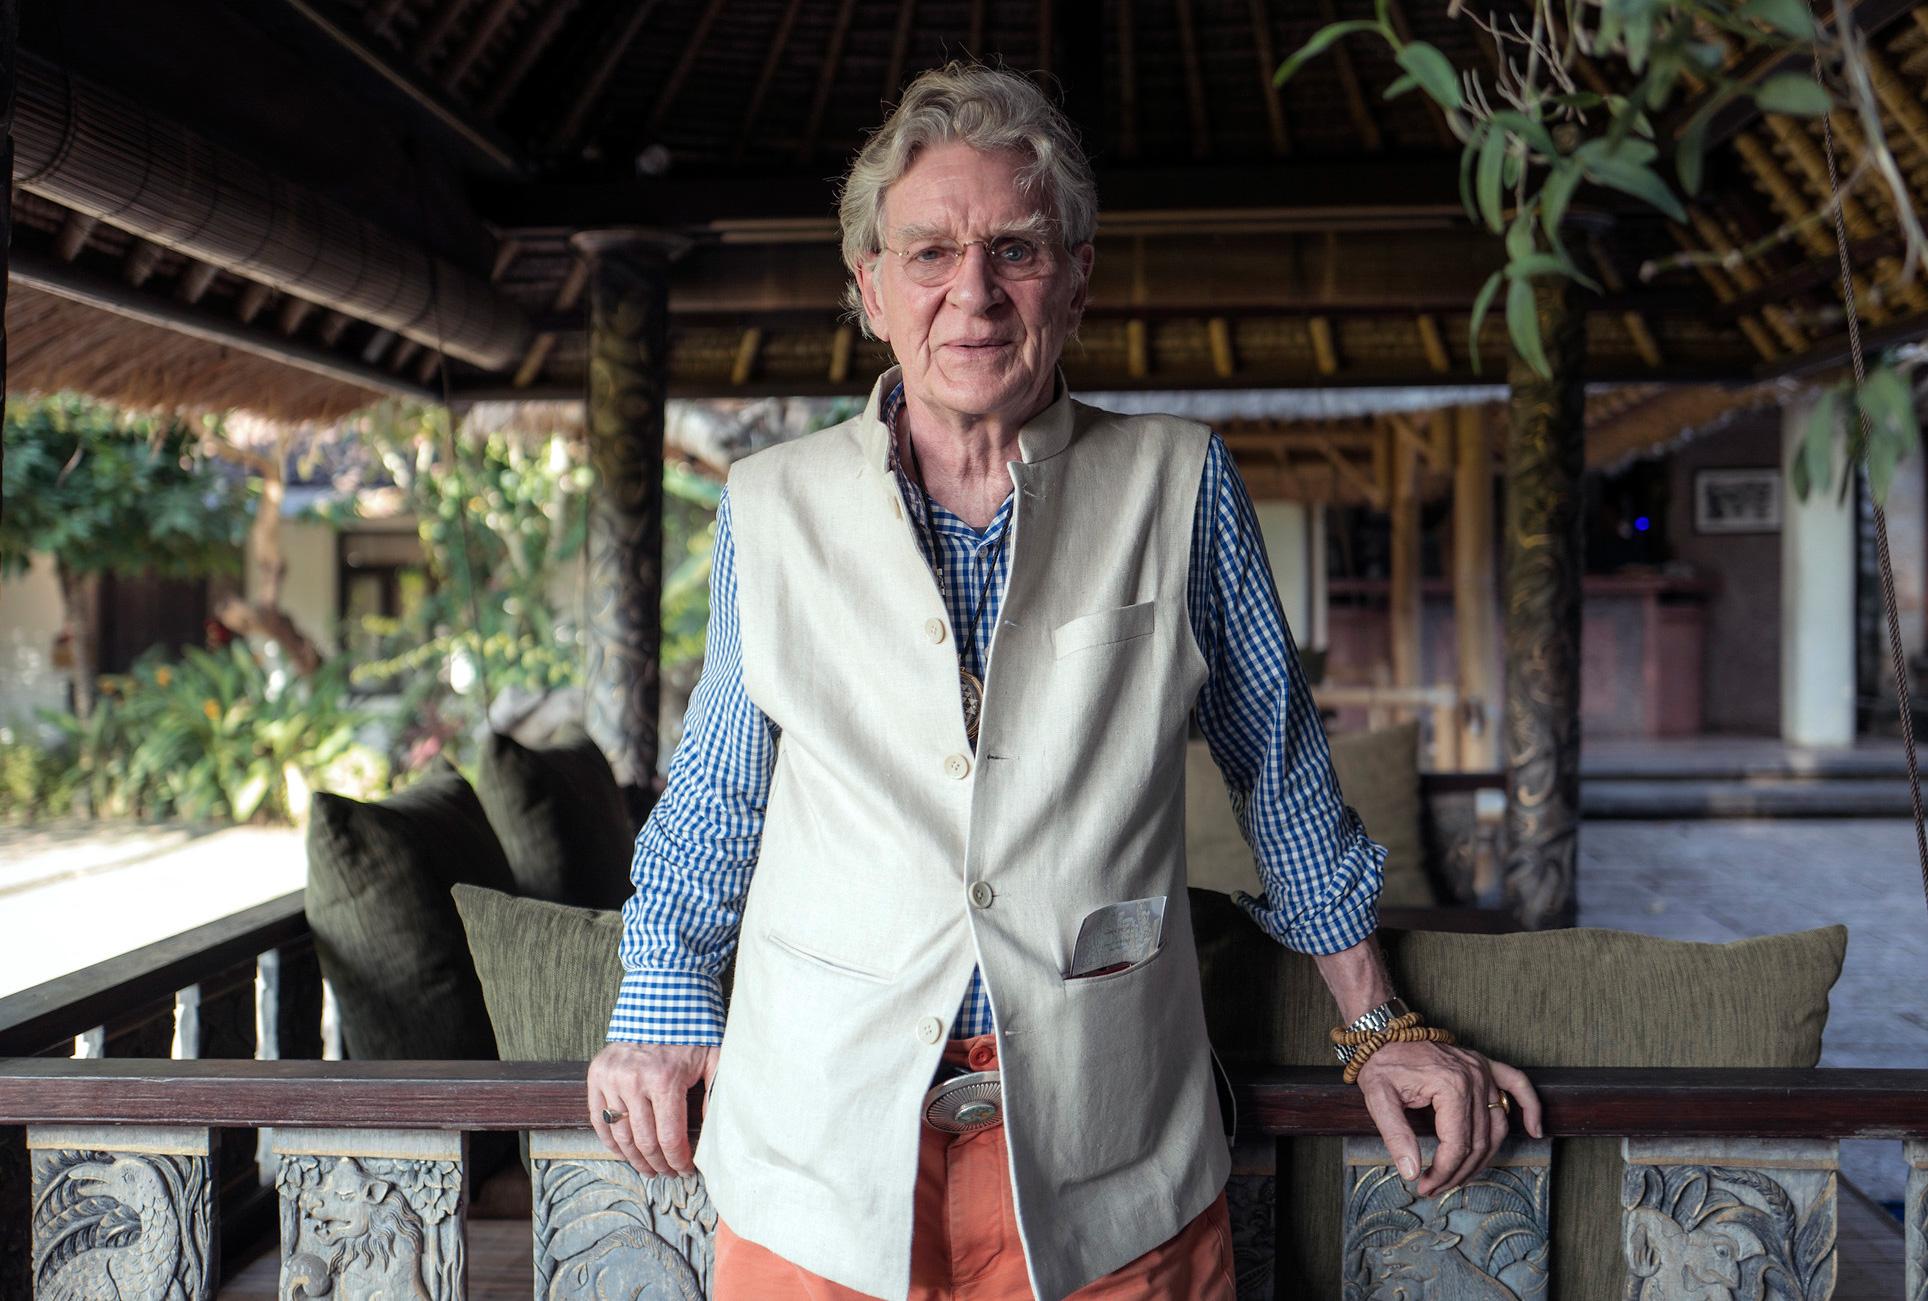 Роберт Турман отпраздновал свое 80-летие